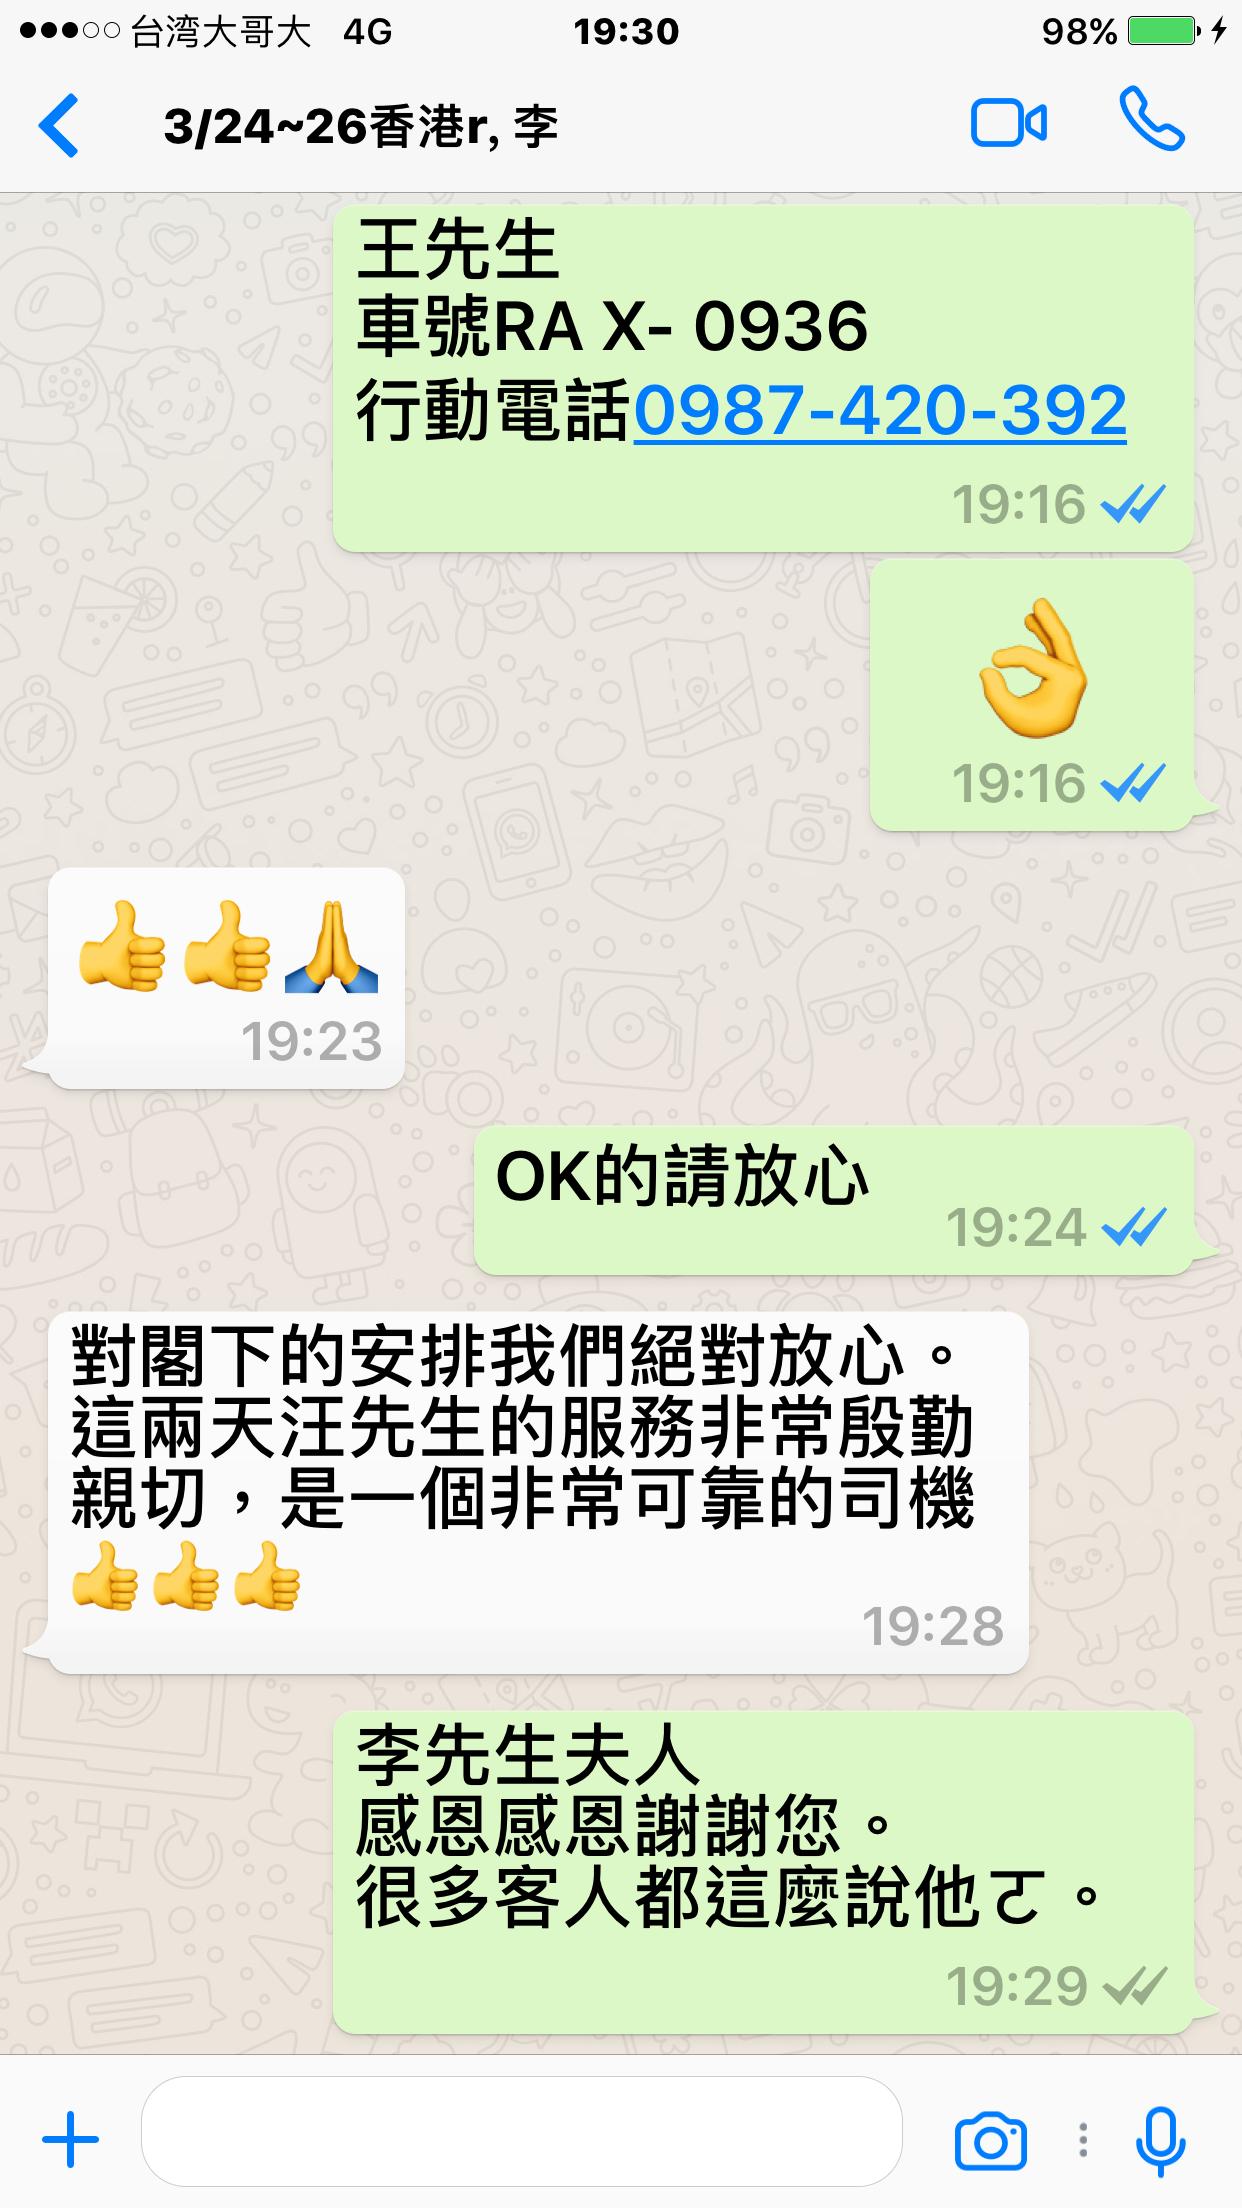 台灣自由行包車-評價_008.png